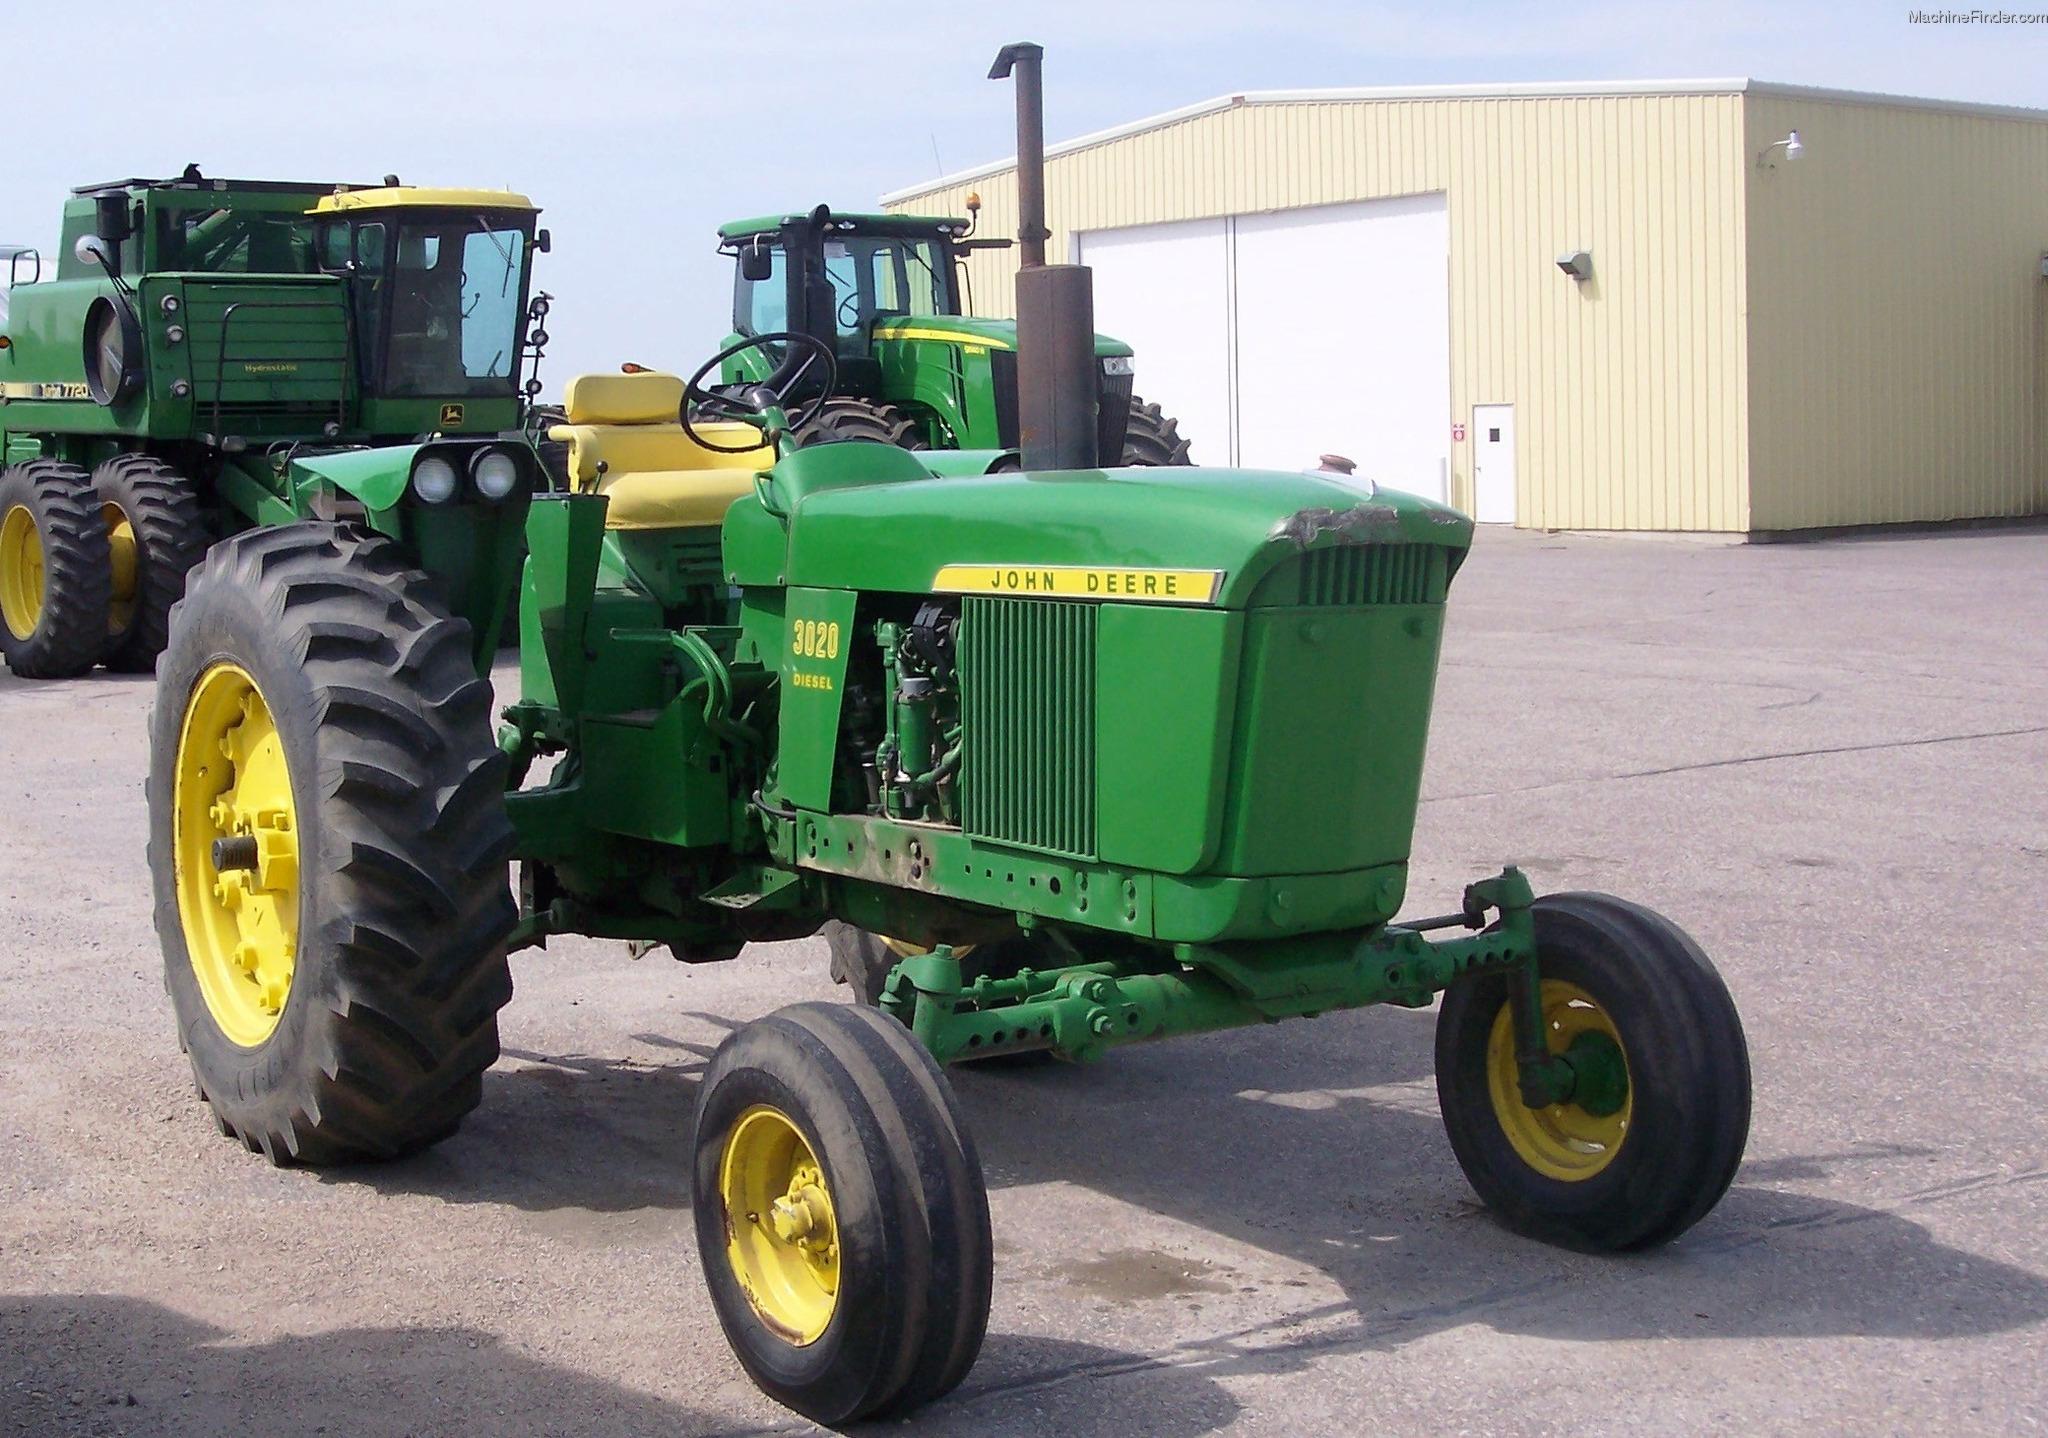 John Deere 3020 Tractors - Utility (40-100hp) - John Deere ...